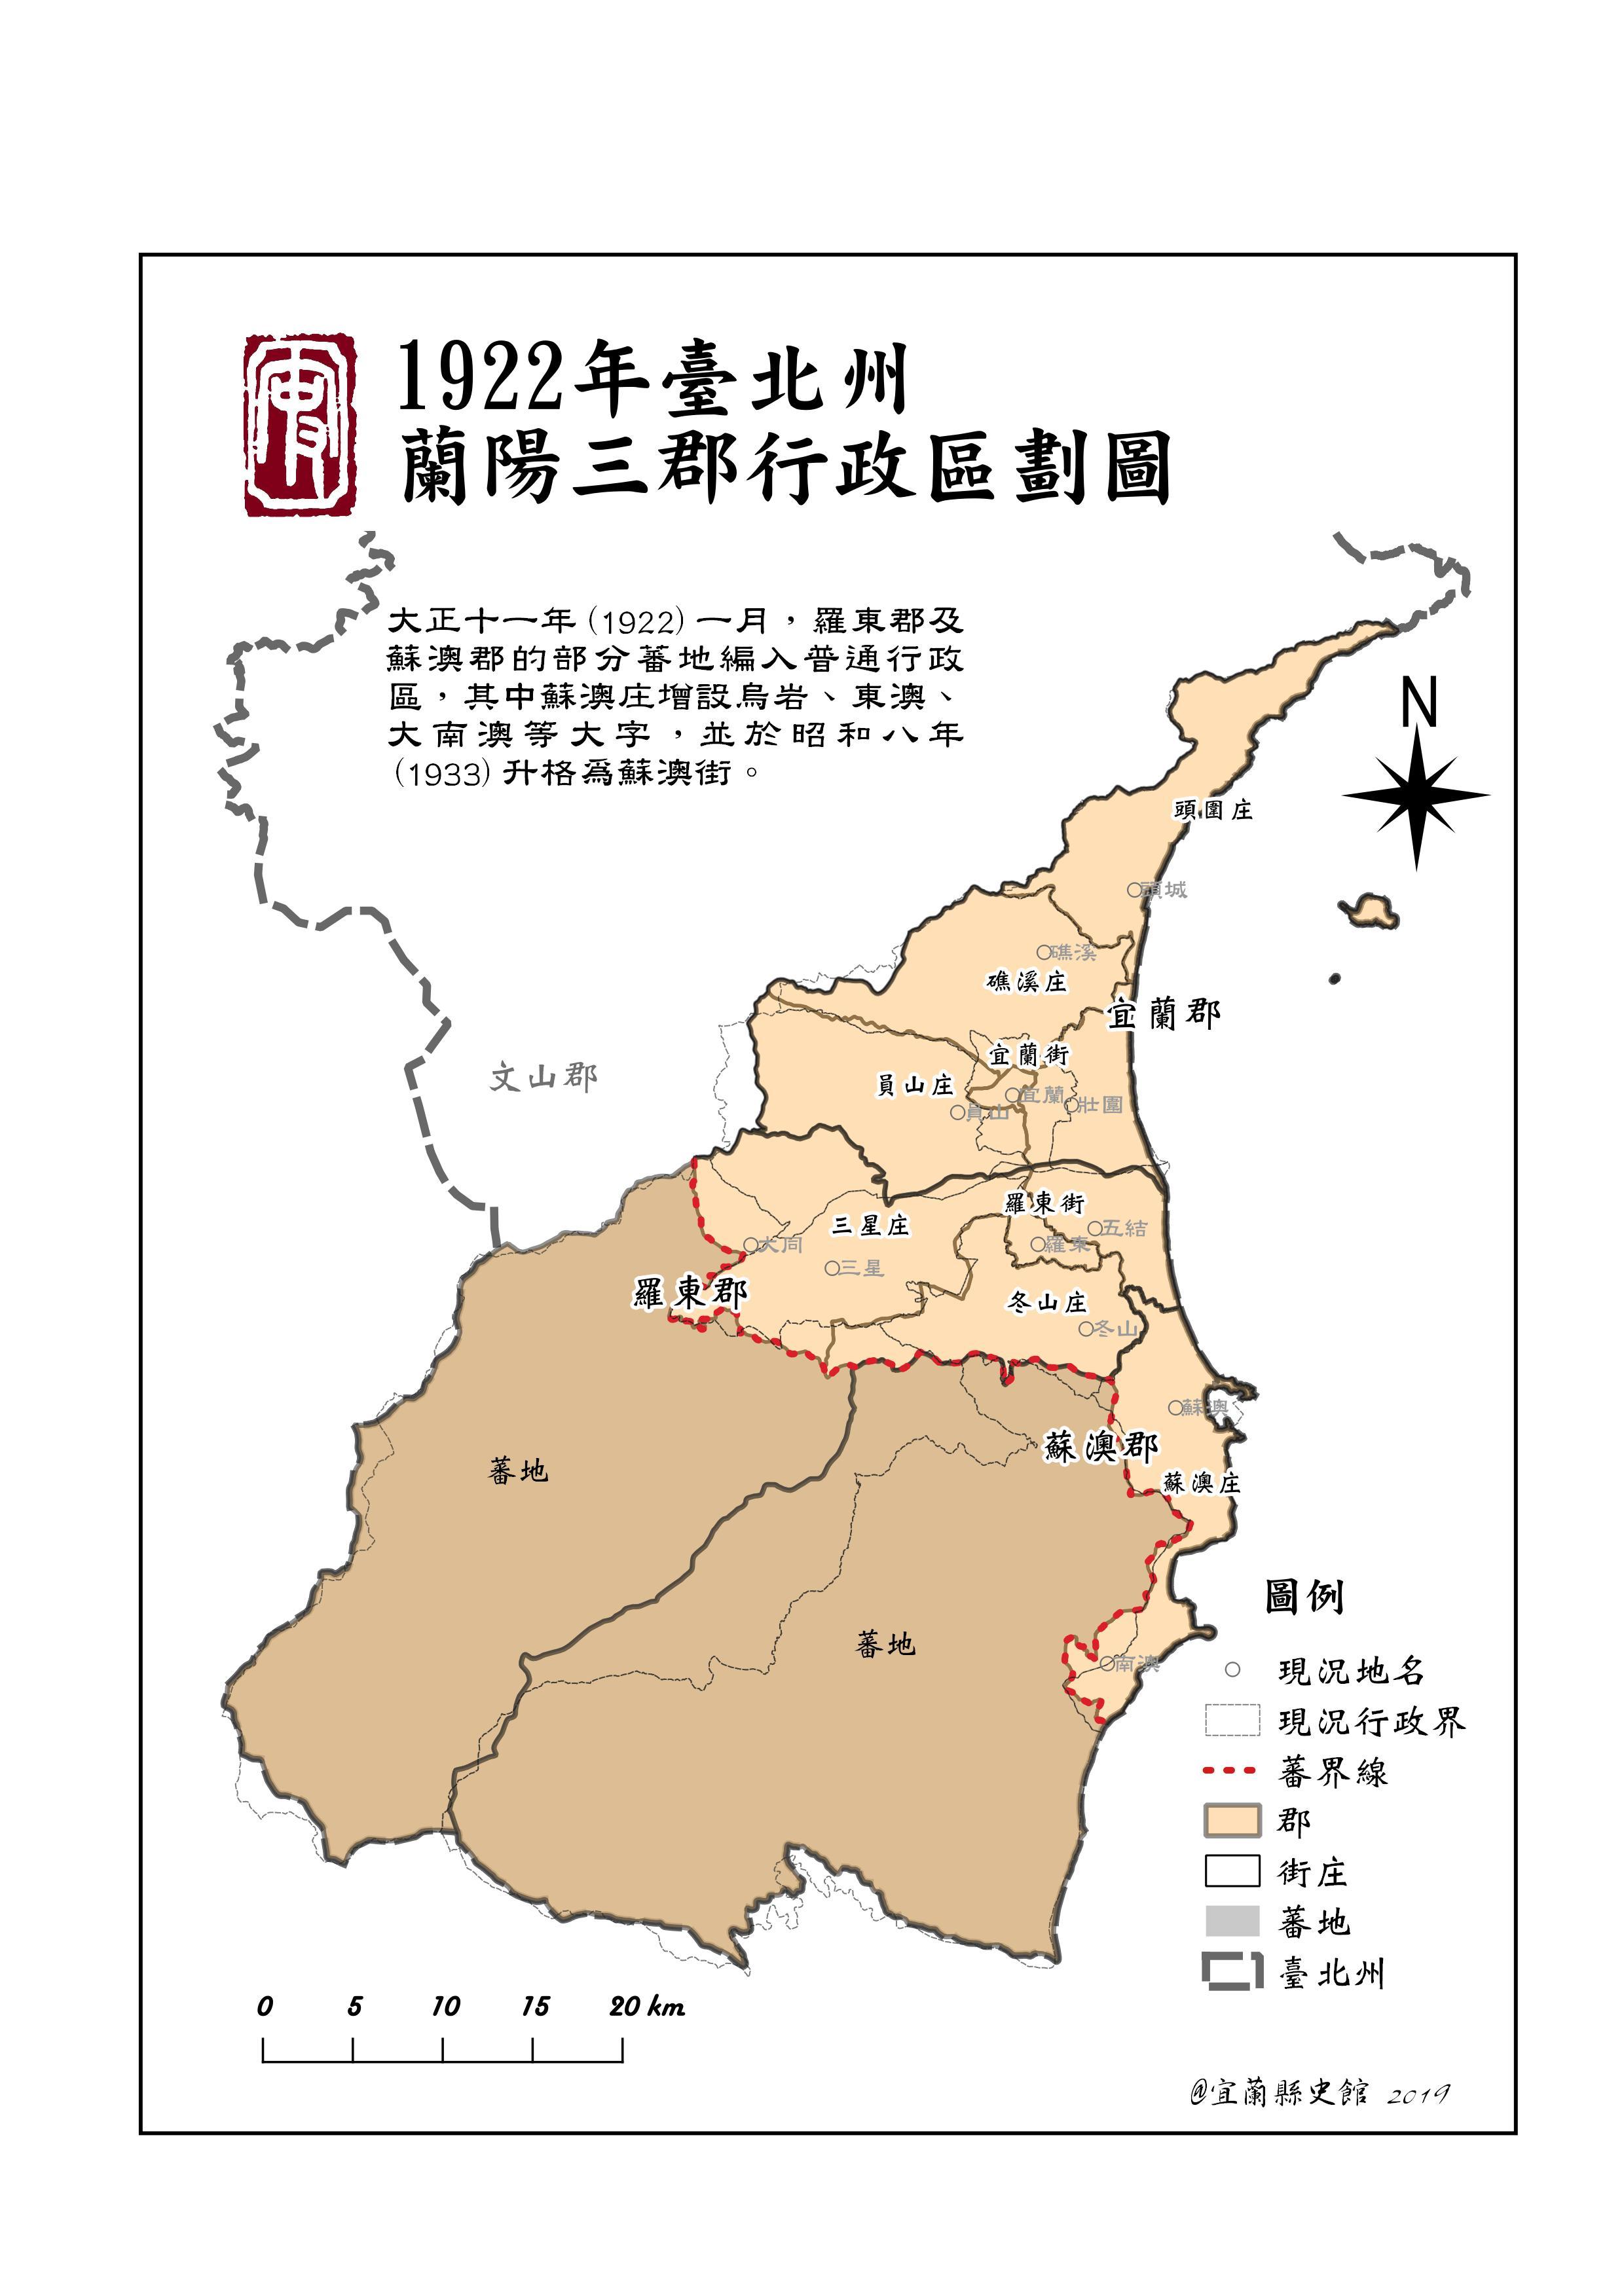 1922臺北州蘭陽三郡行政區劃圖